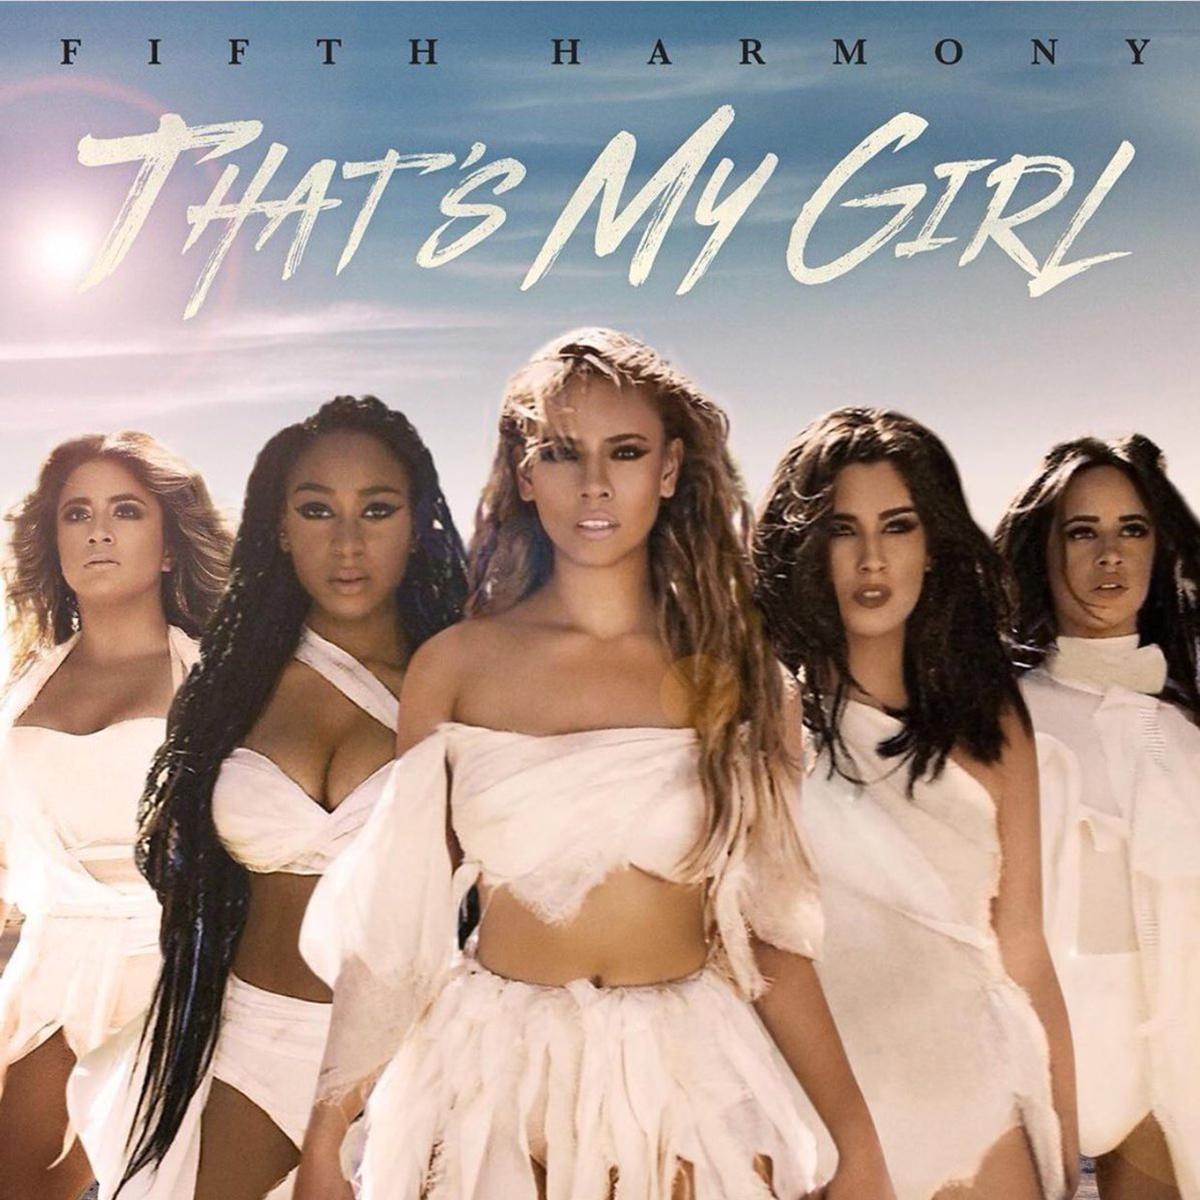 That's My Girl | Fifth Harmony Wiki | FANDOM powered by Wikia